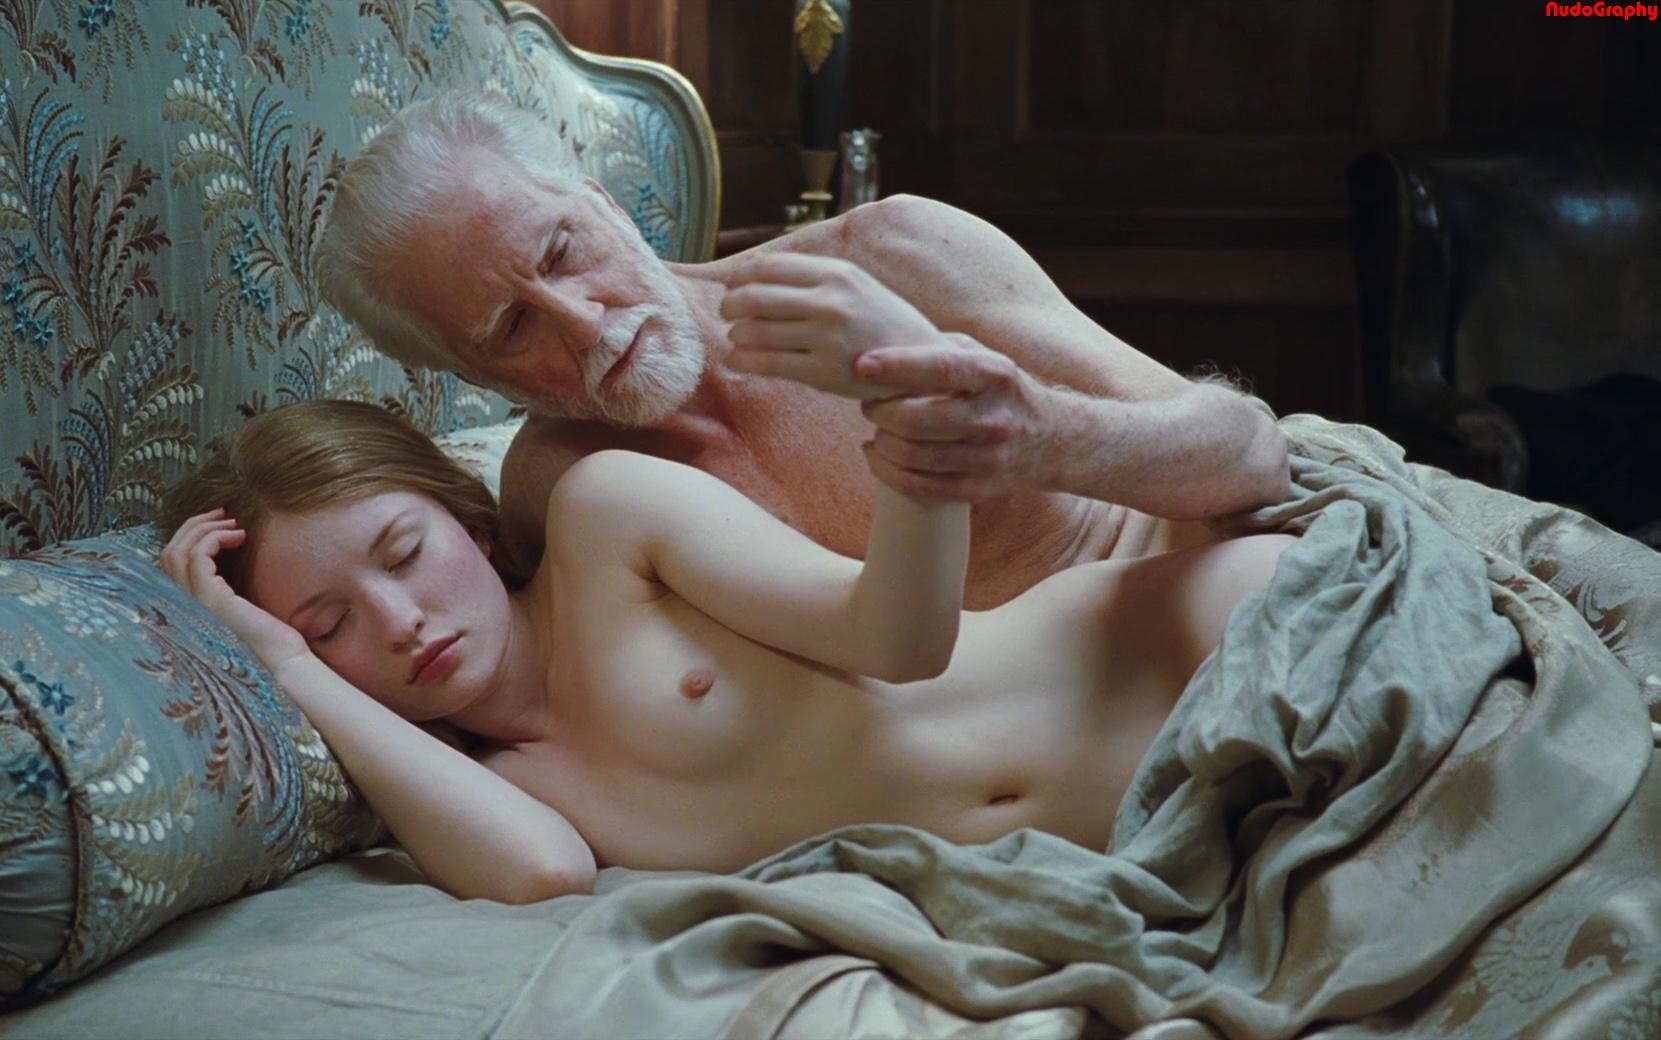 смотреть онлайн порно фильм спящая красавица все тебе